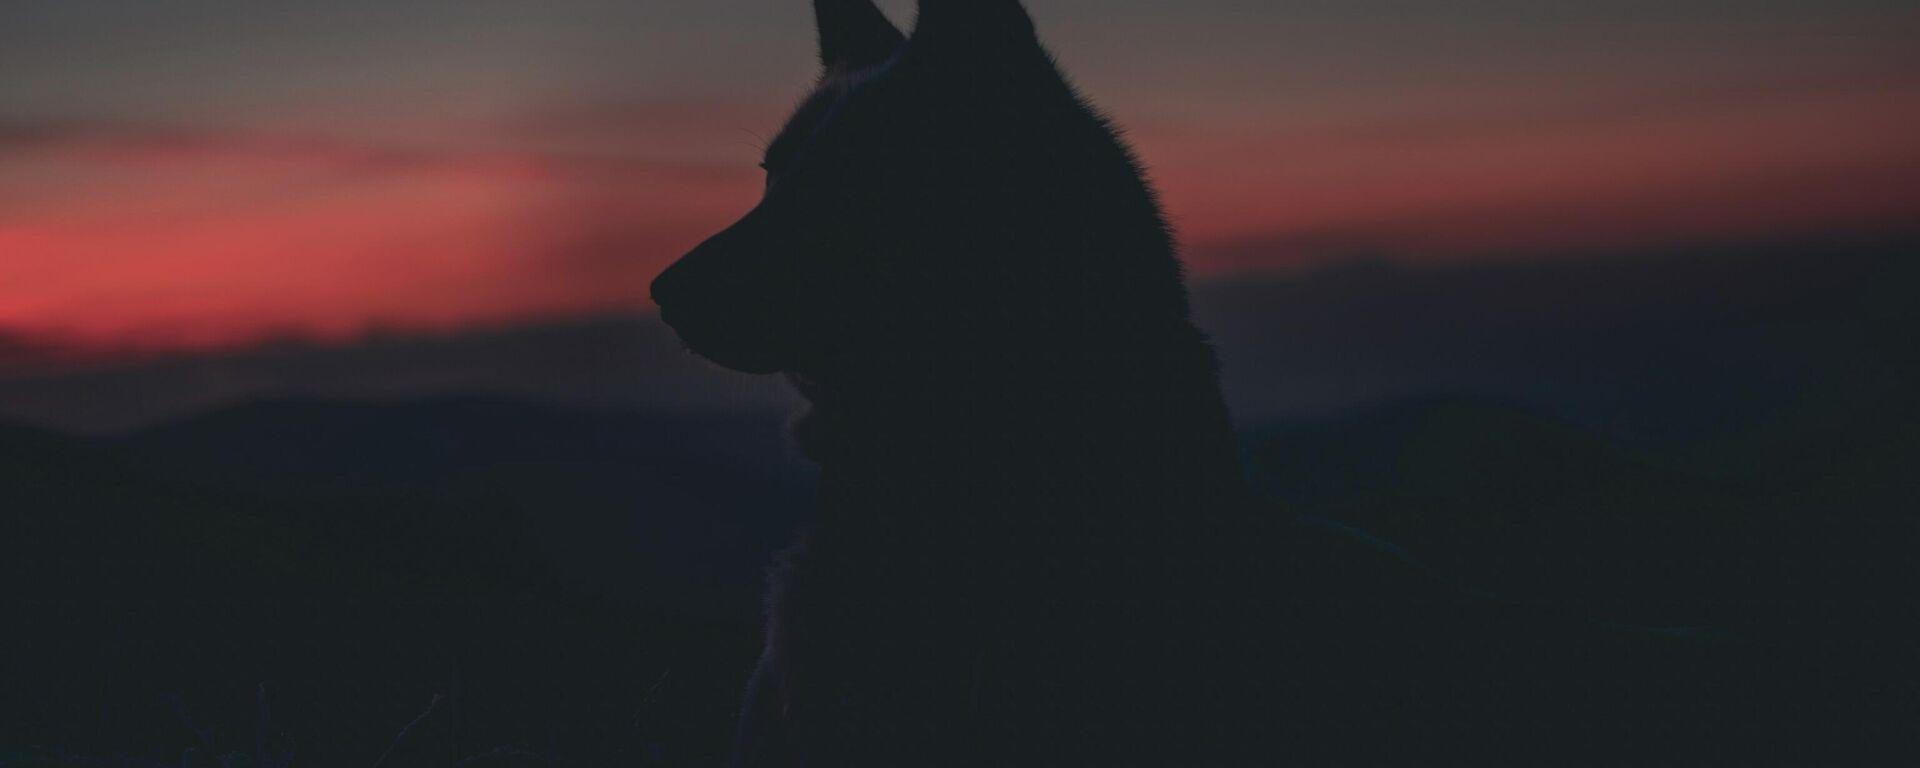 Un perro (imagen referencial) - Sputnik Mundo, 1920, 04.08.2021